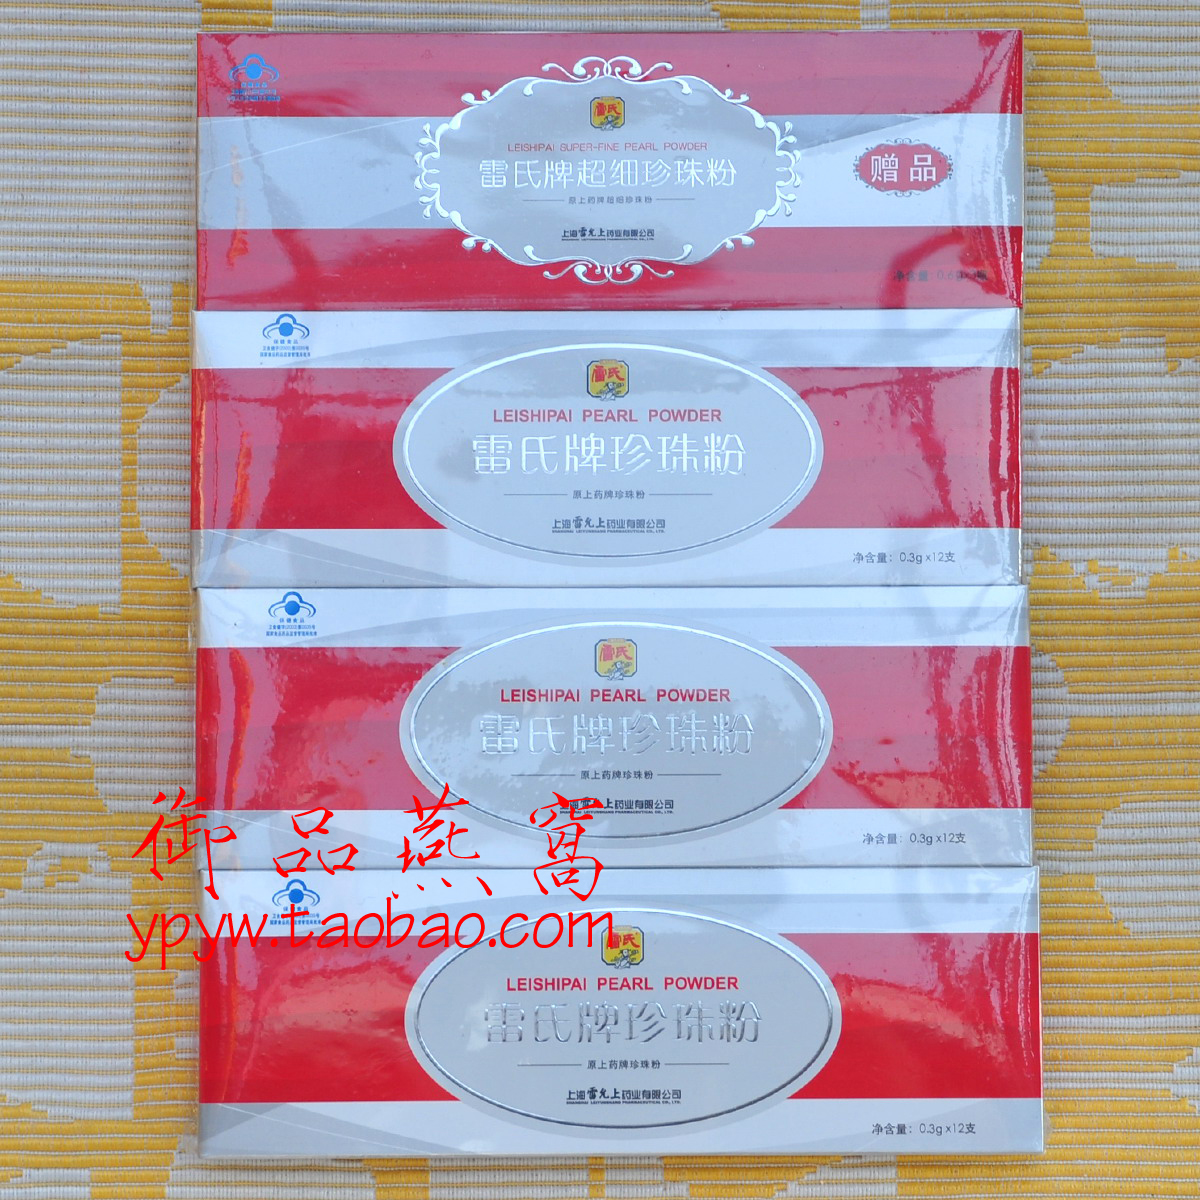 Бренд Рэя с жемчужинами Порошок 0.3g / поддержка * 12 оригинала верх Природный бренд натуральный чистый с жемчужинами Порошок порошковой маски внутреннего или внешнего применения